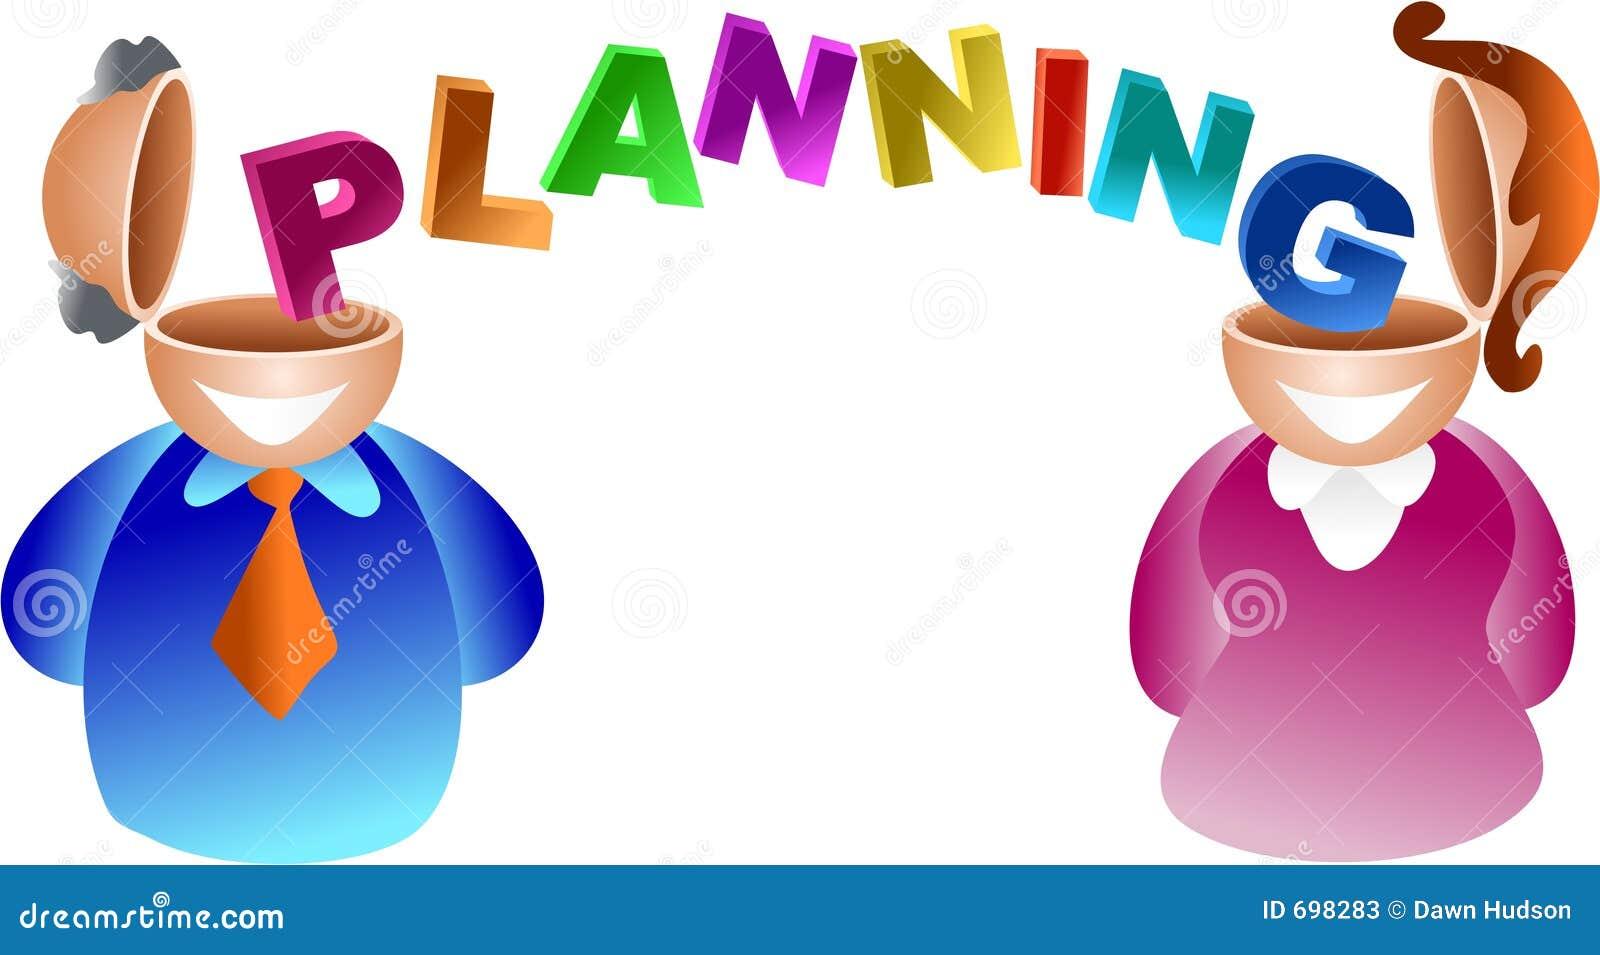 Cerebro de las hojas de operación (planning)